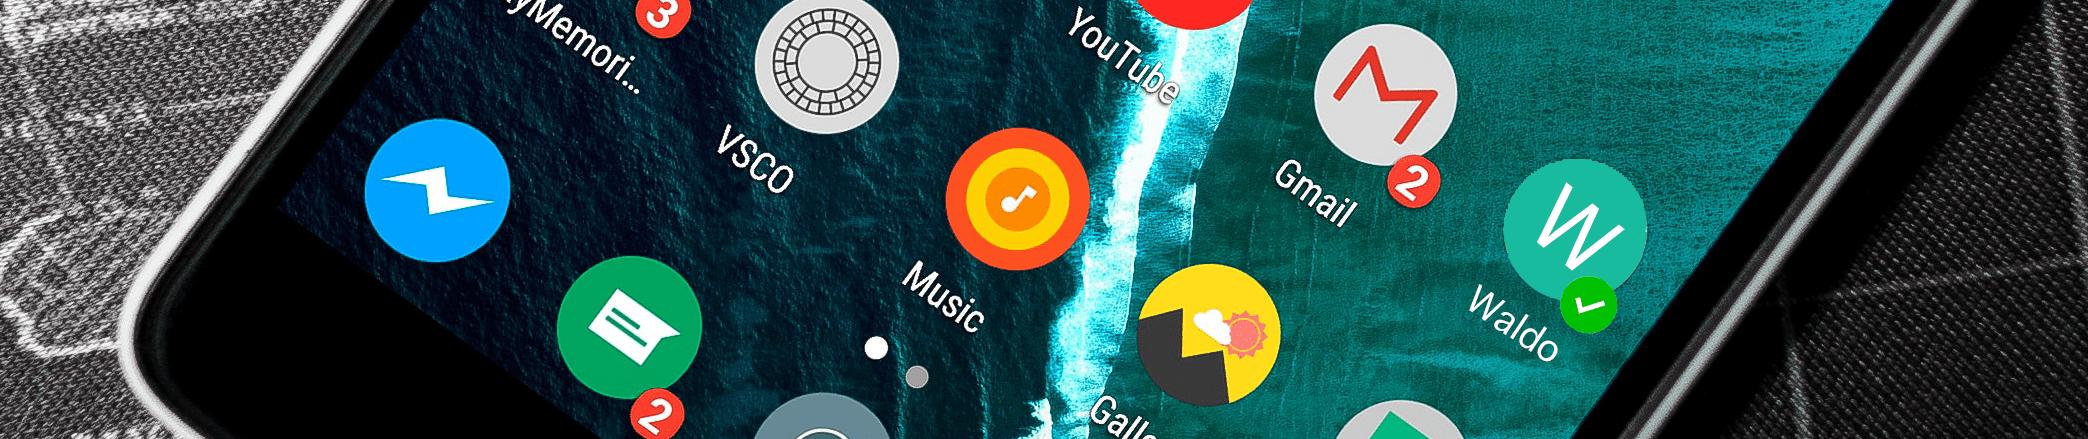 telefoonscherm met Waldo app